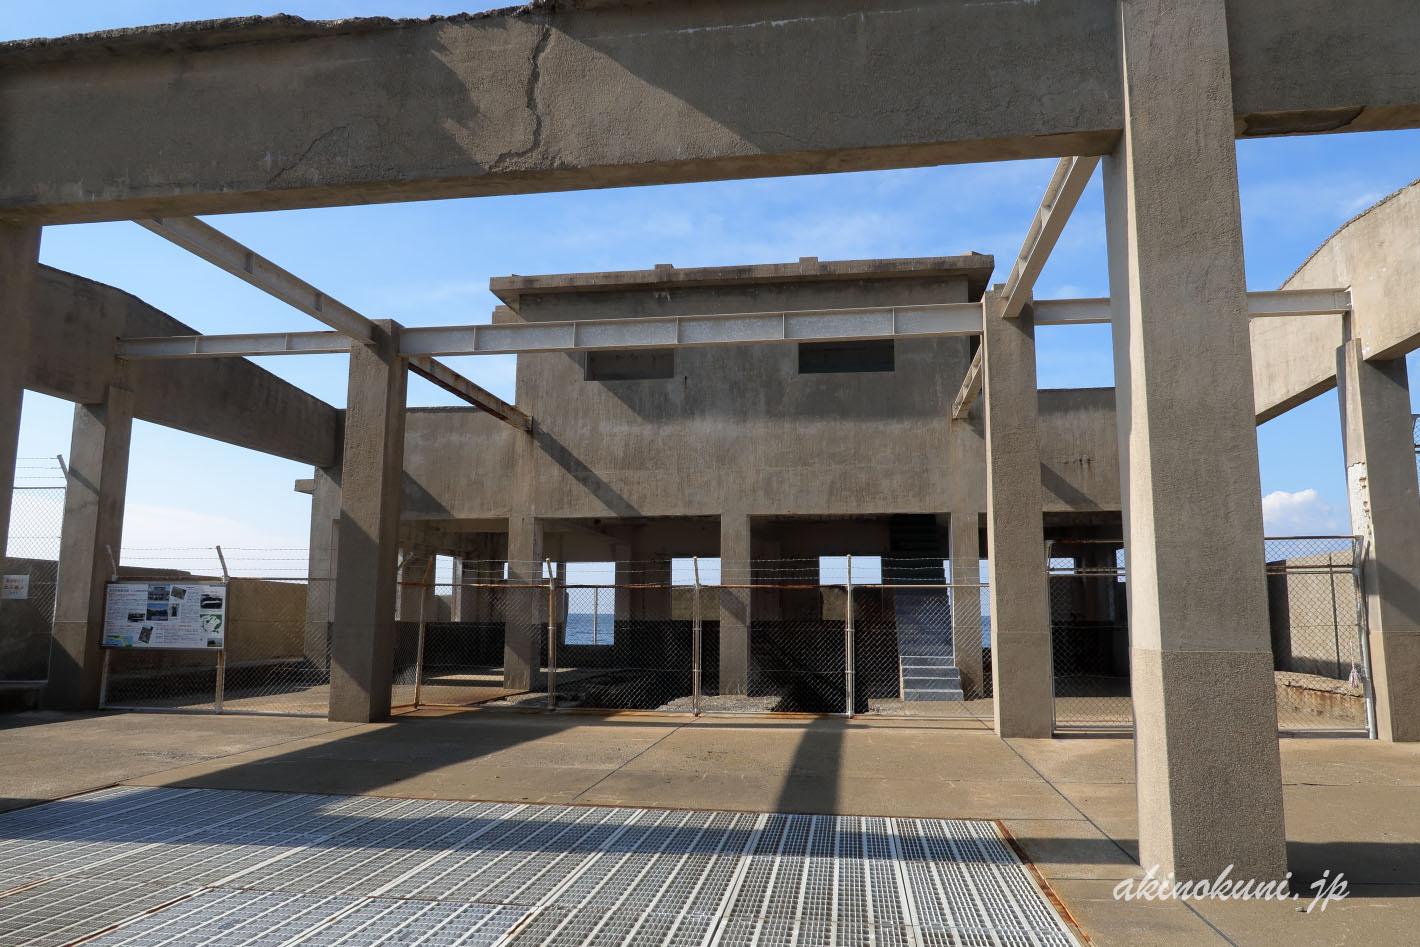 大津島 回天訓練基地(魚雷発射試験場)跡